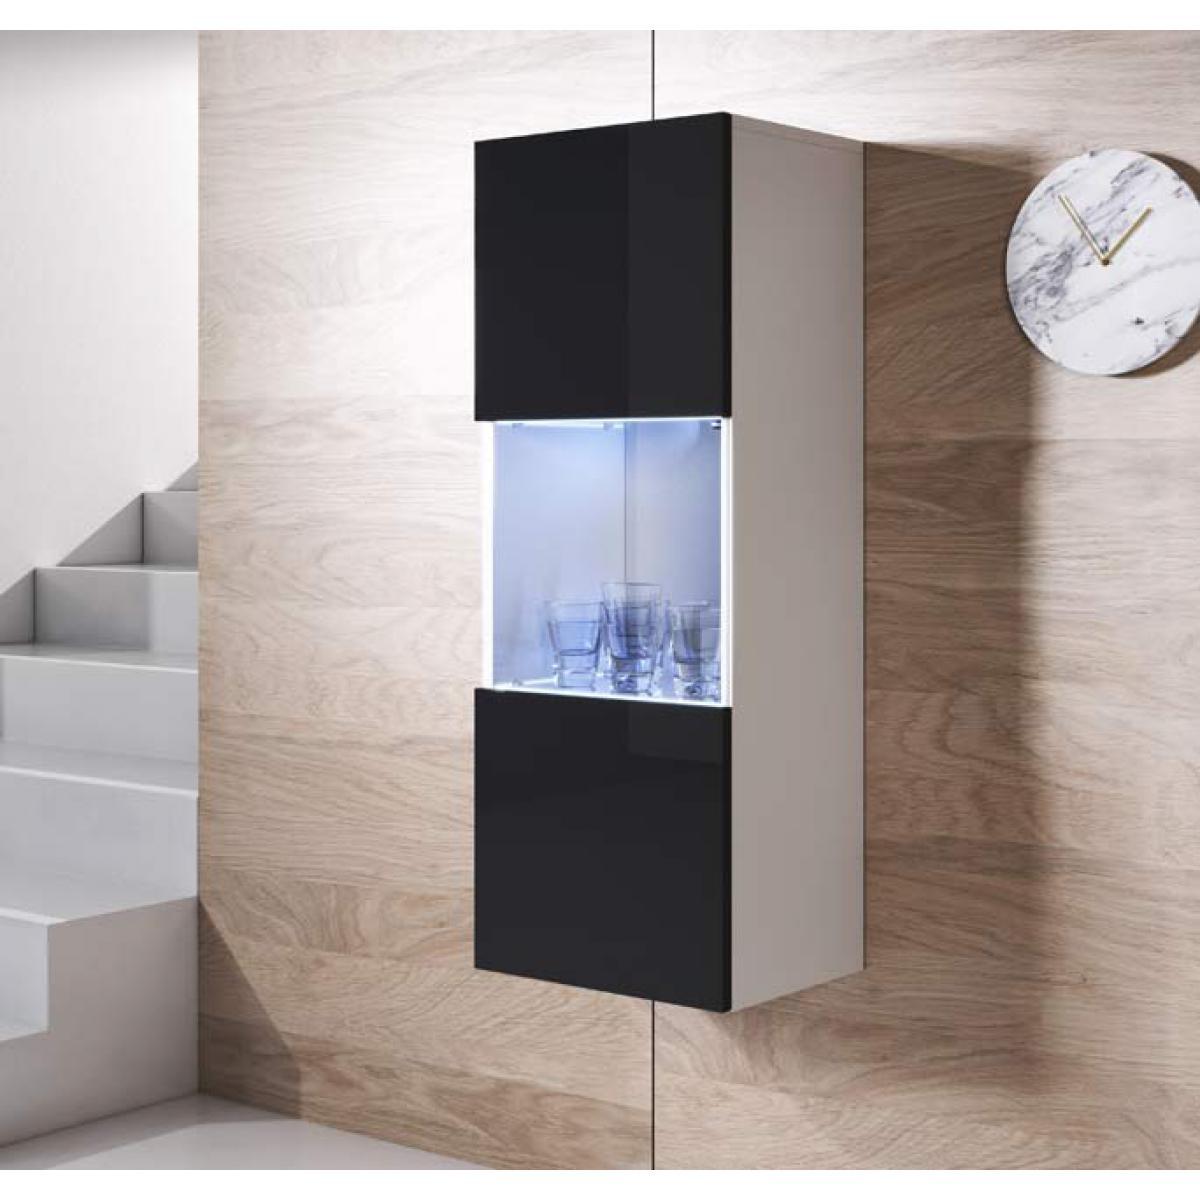 Design Ameublement Armoire mural modèle Luke V3 (40x126cm) couleur blanc et noir